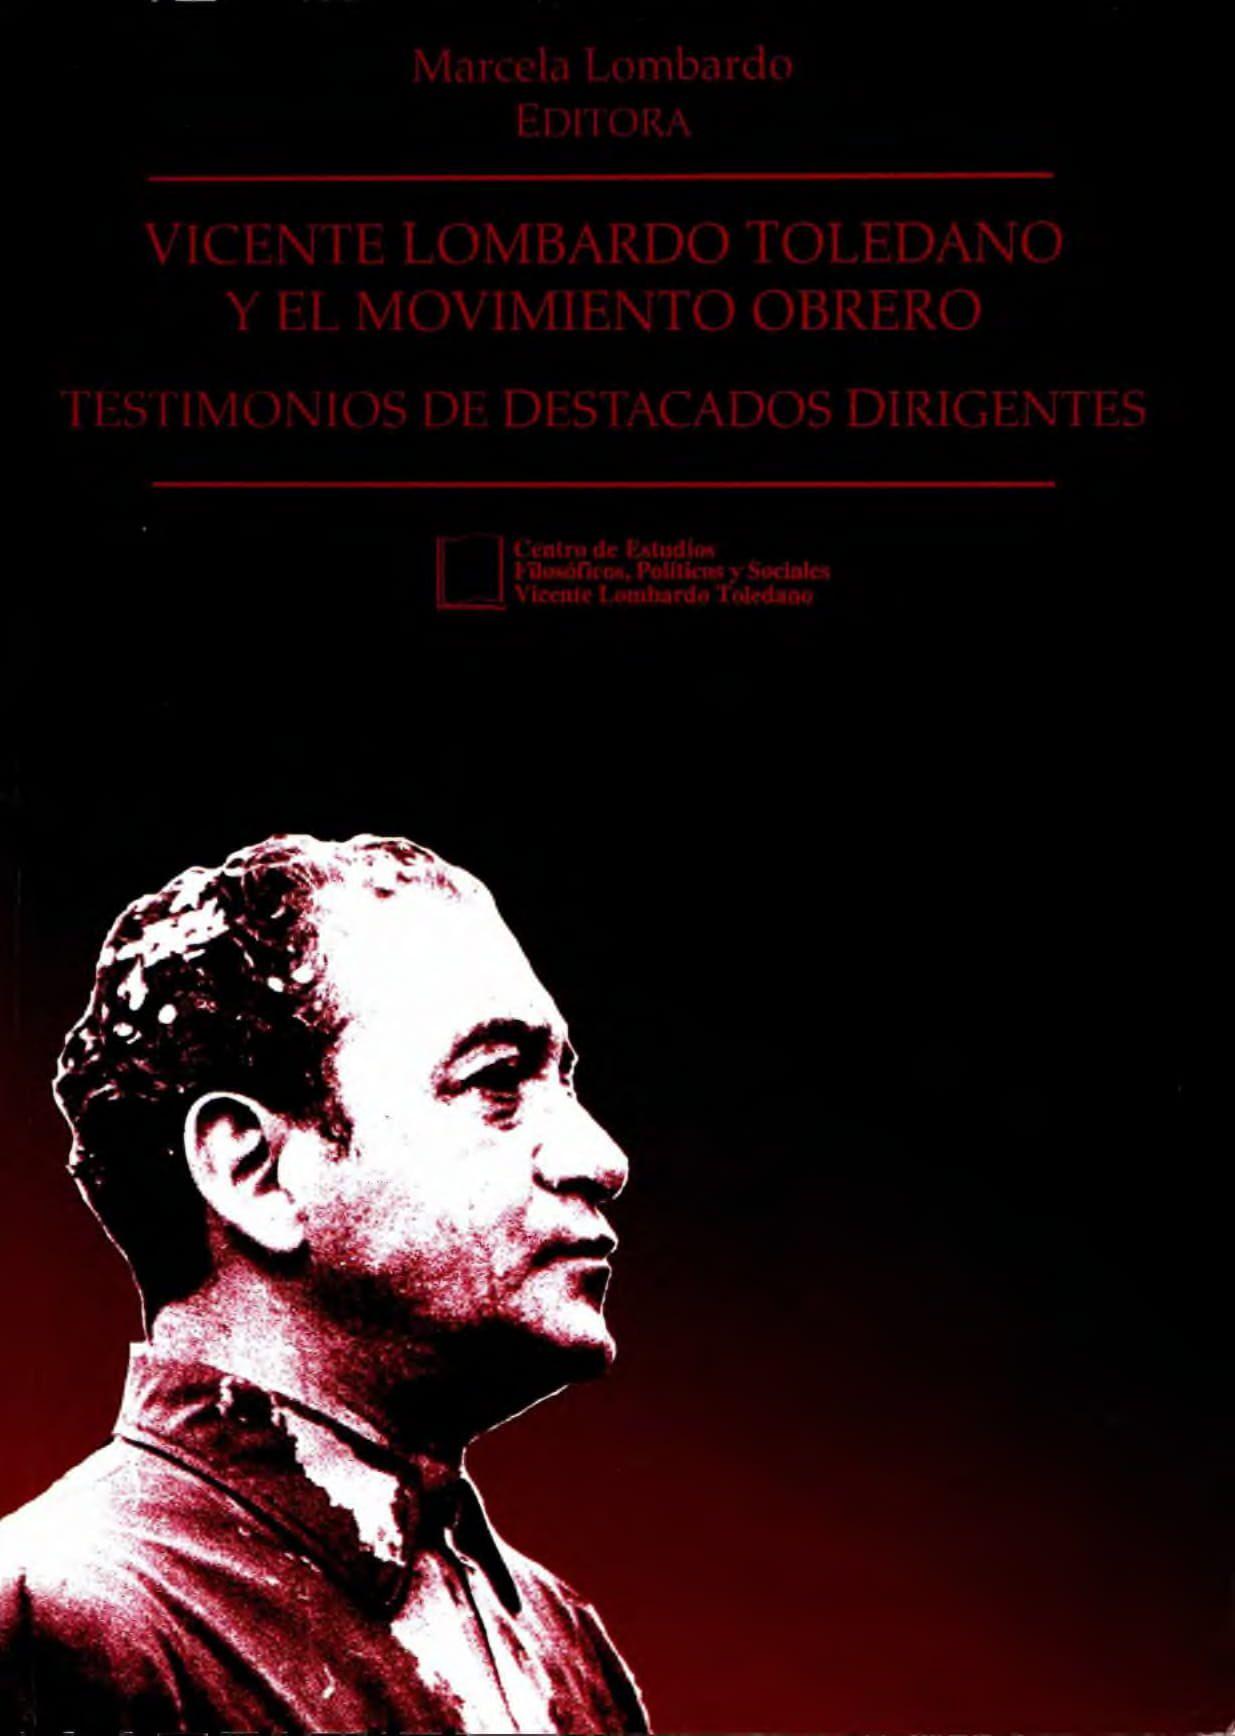 Portada del libro: VICENTE LOMBARDO TOLEDANO Y EL MOVIMIENTO OBRERO: TESTIMONIOS DE DESTACADOS DIRIGENTES